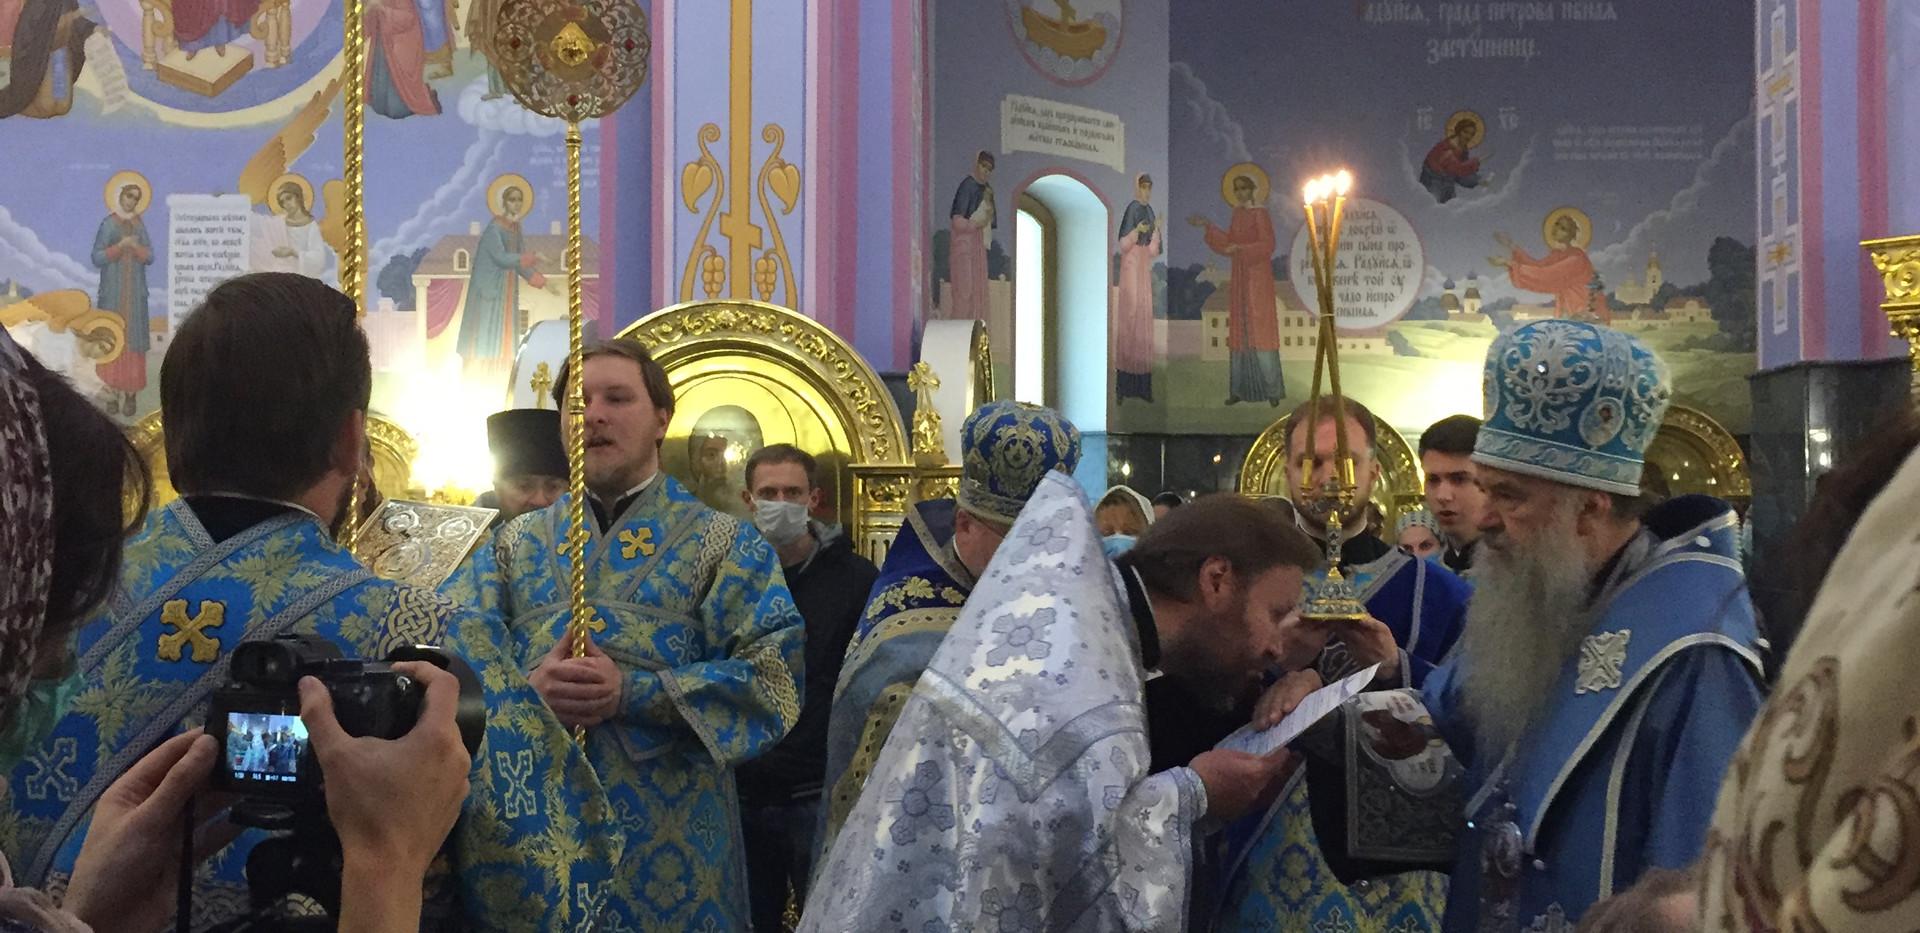 Настоятель нашего храма протоиерей Павел Кудряшов удостоен высокой церковной награды